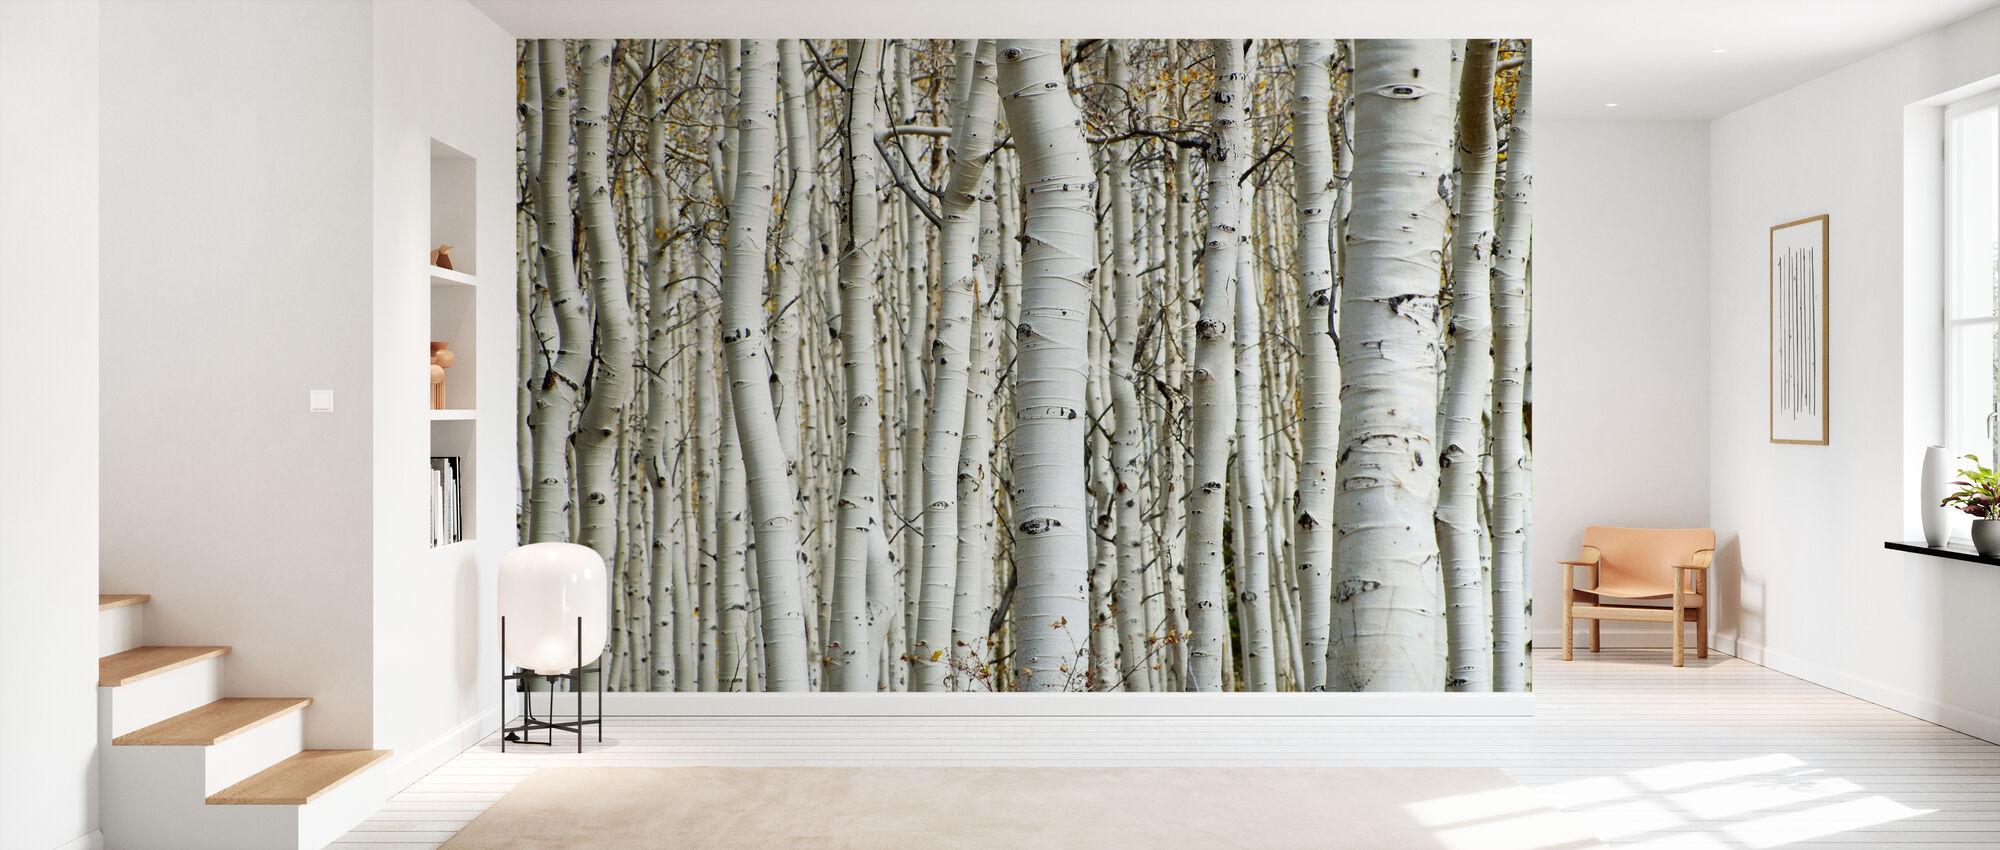 Aspen Forest - Wallpaper - Hallway